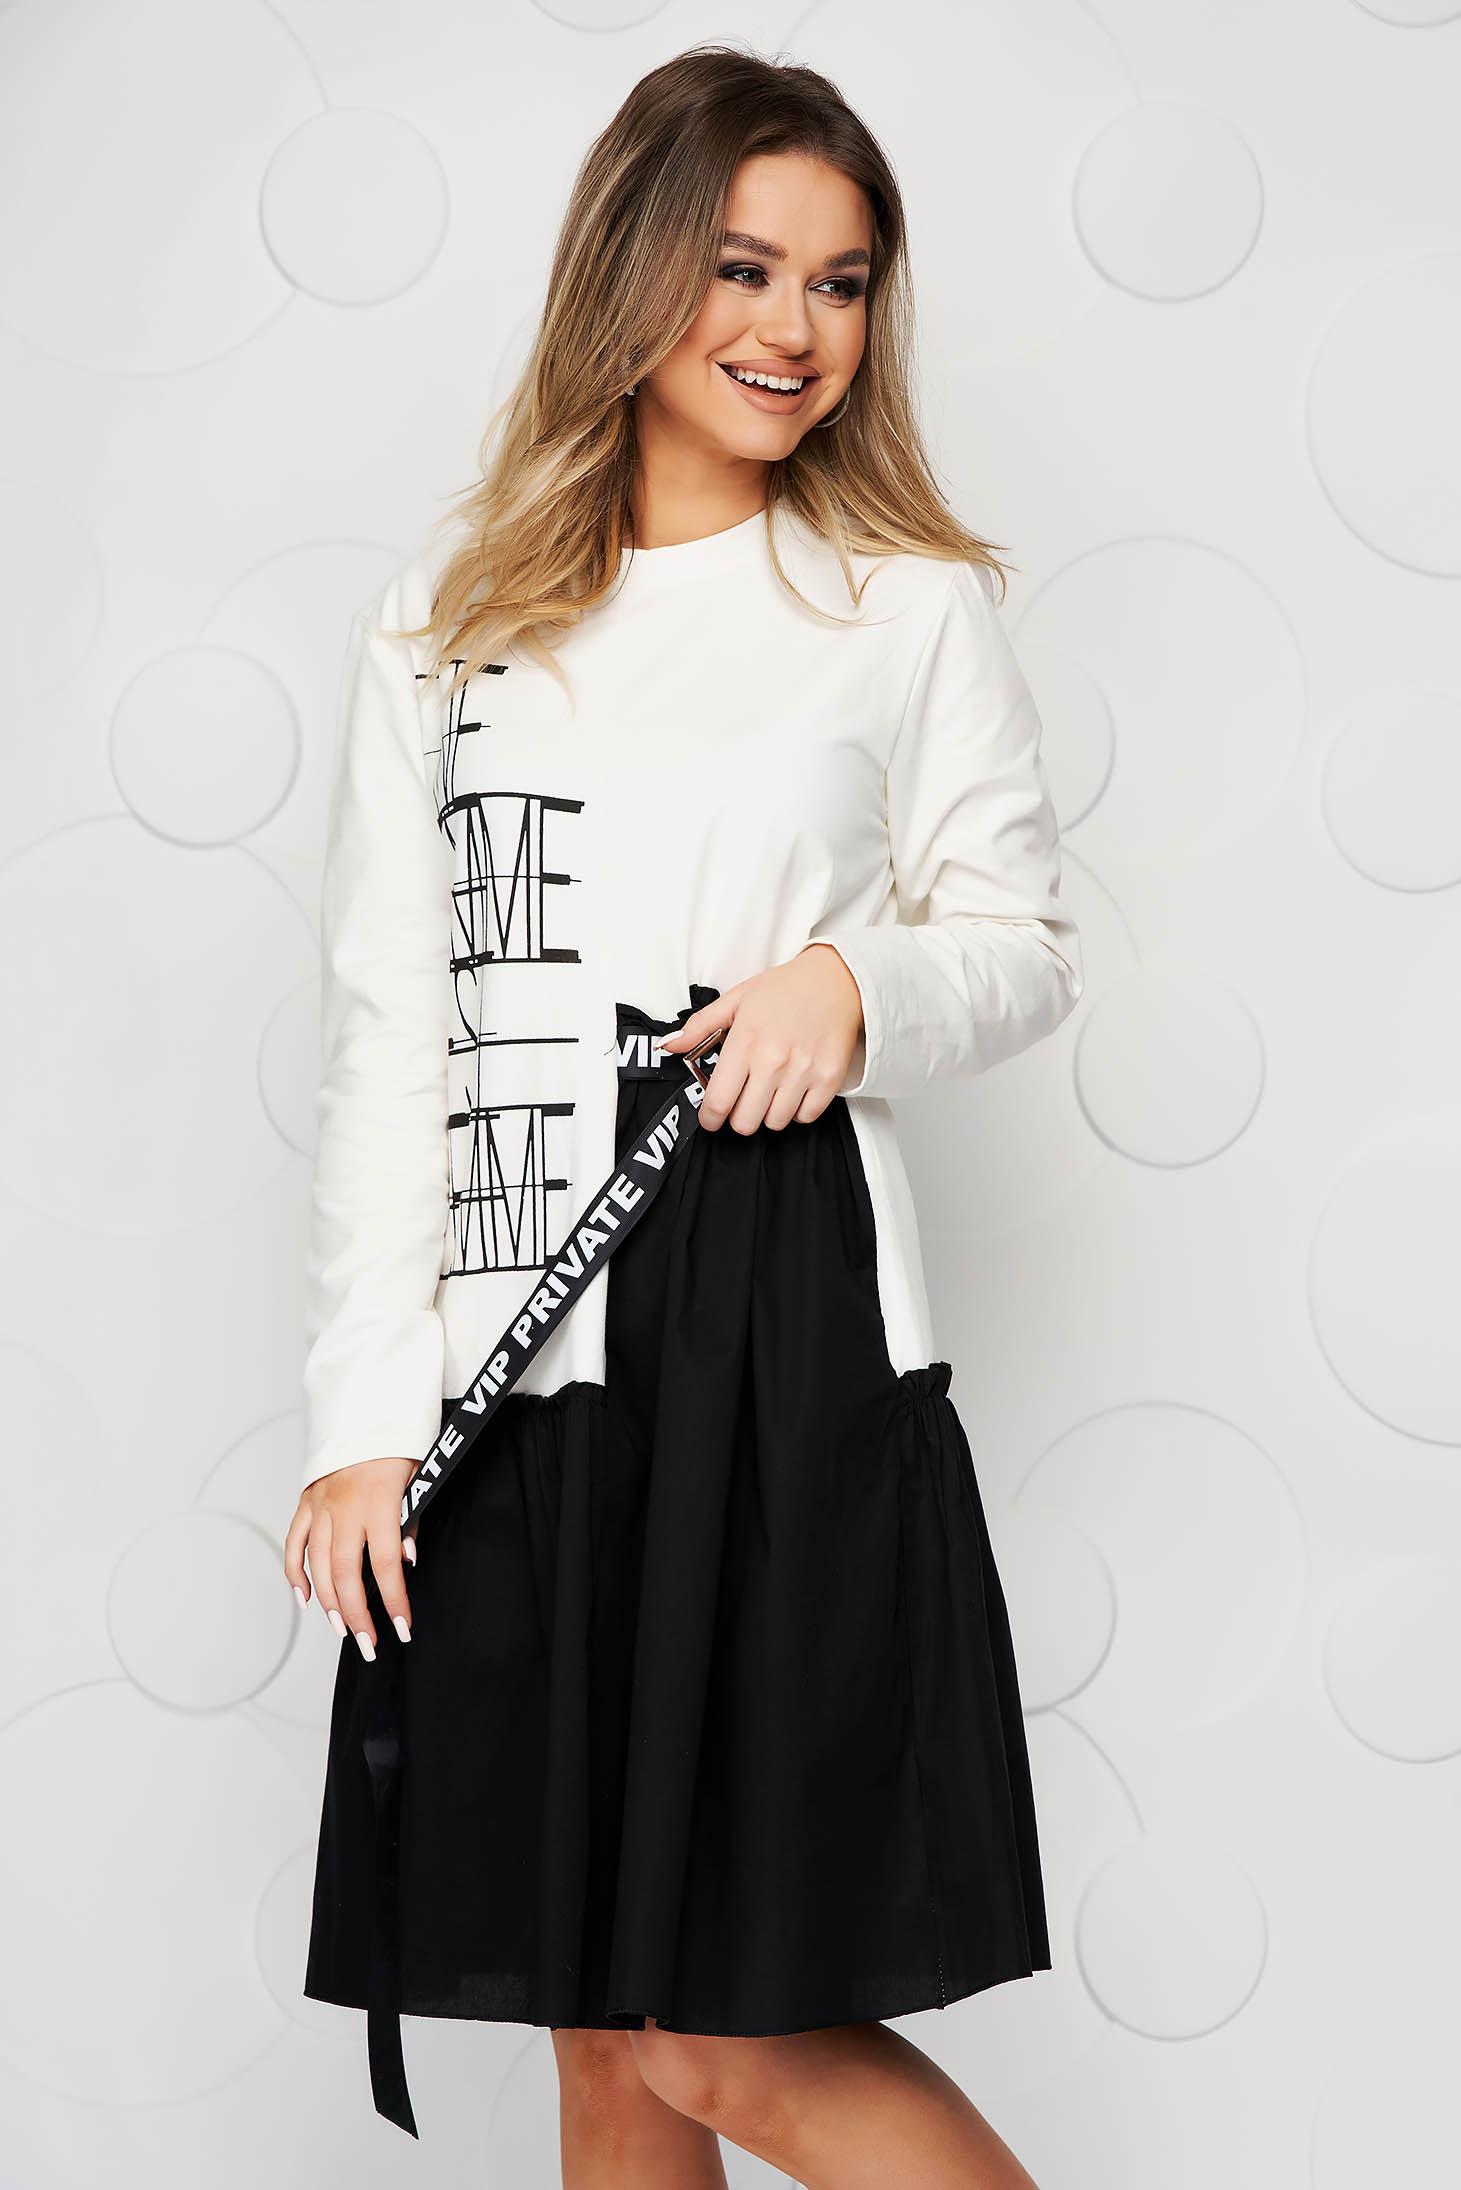 Fehér ruha rugalmas pamut fodros bő szabású grafikai díszítéssel